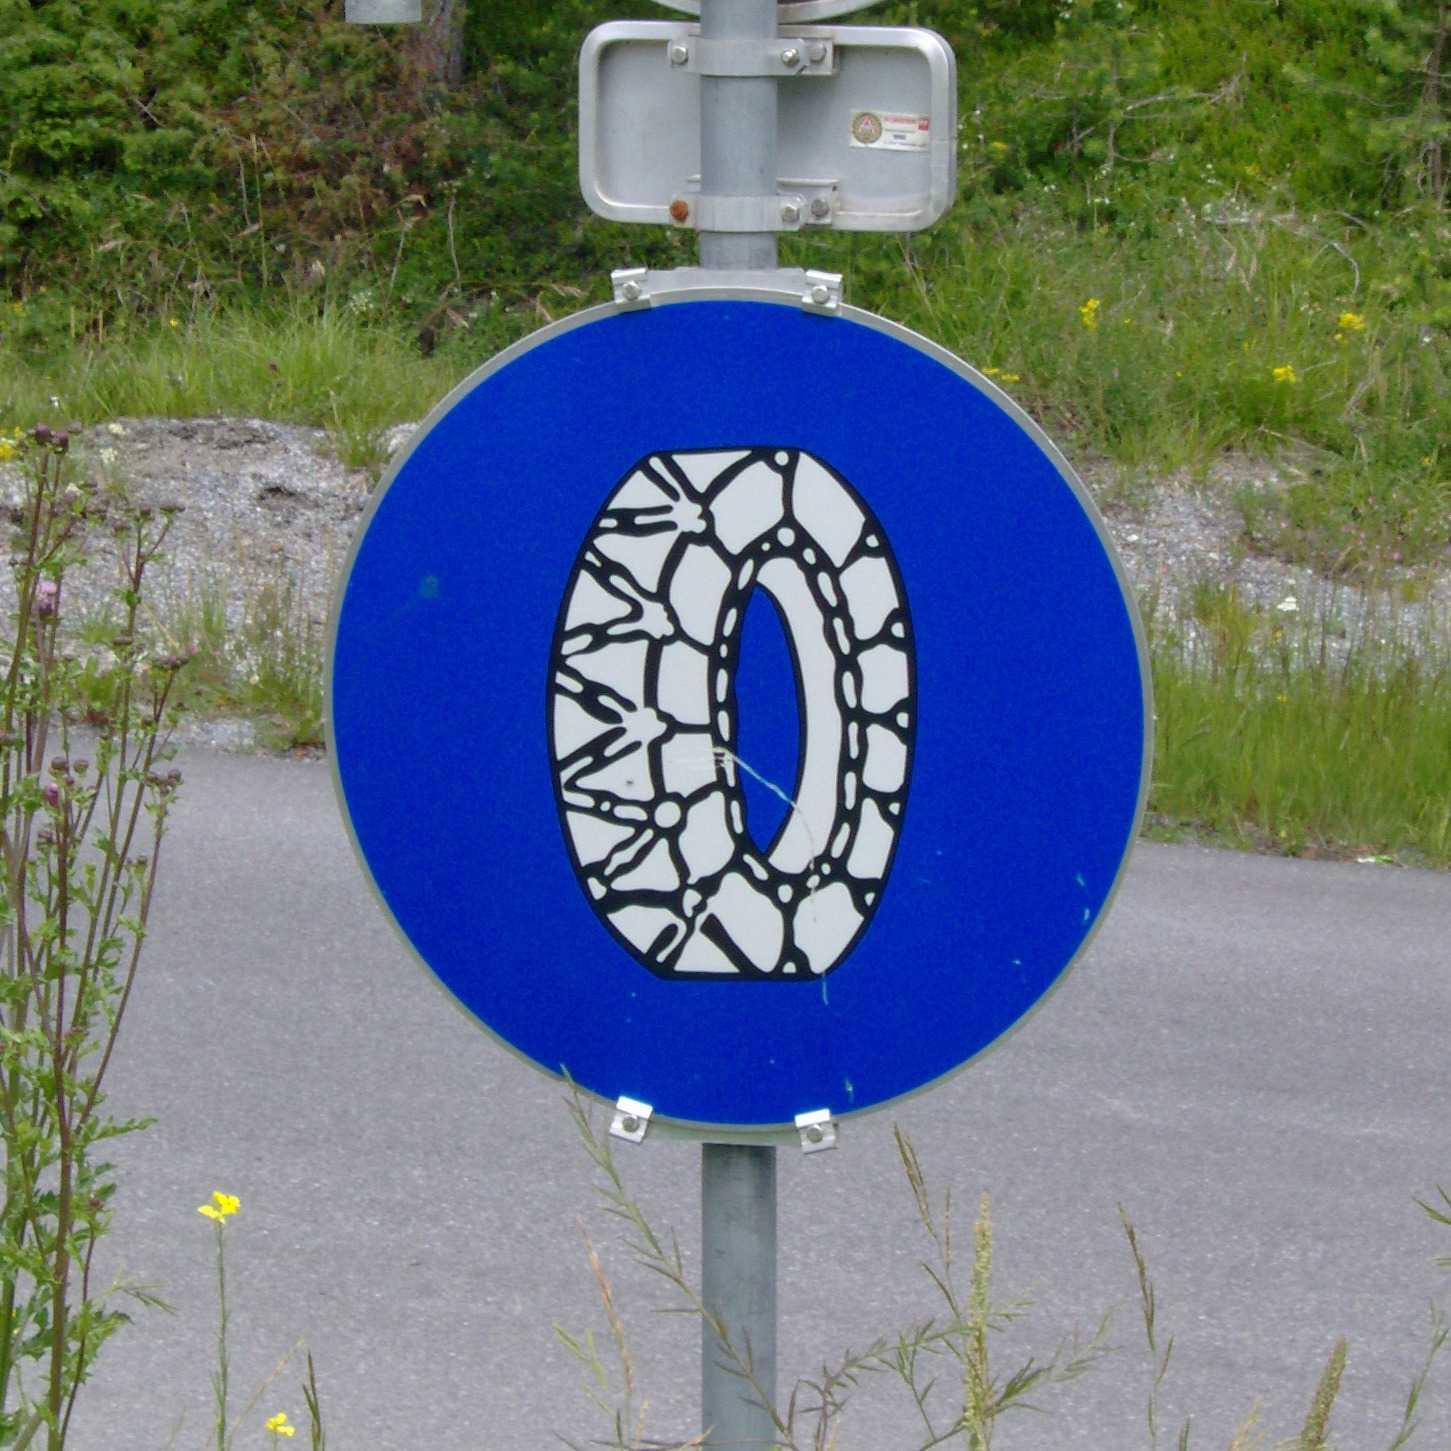 Дорожный знак об использовании цепей противоскольжения. Фото: Tubantia/Wikimedia/CC-BY-SA-3.0.